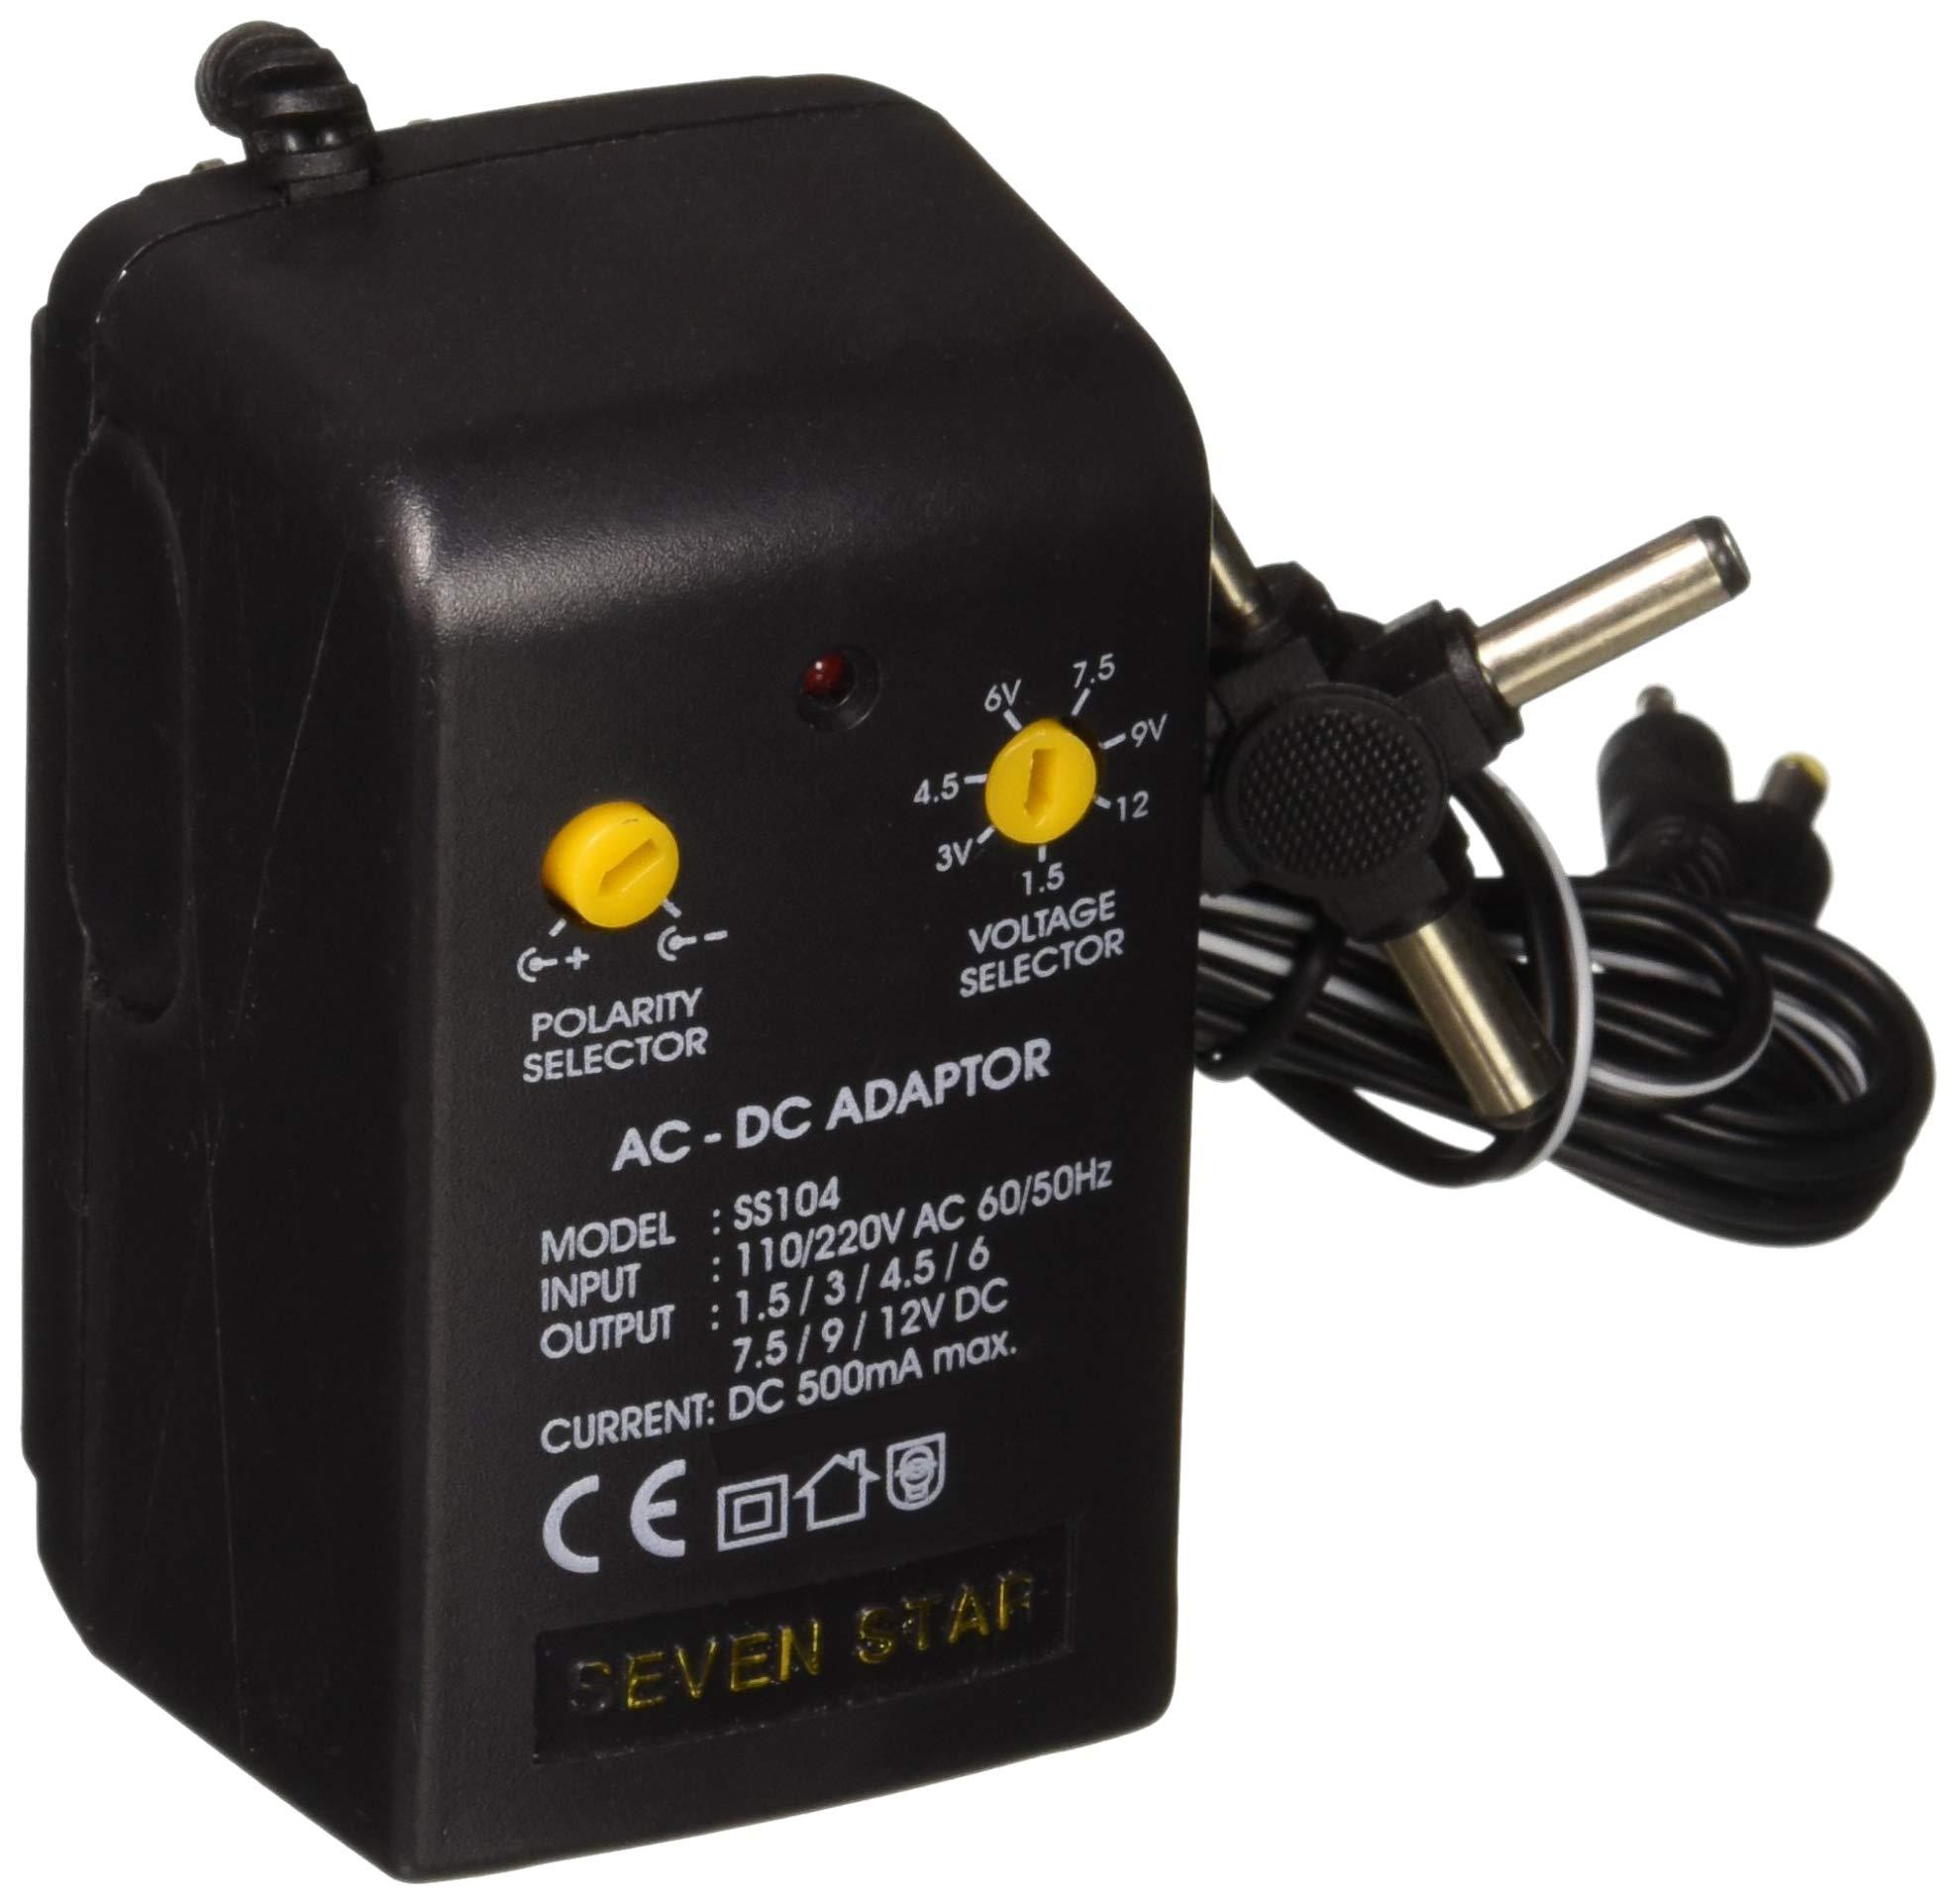 DC12V 1A Power Supply AC 120//240V 2.1mm Plug 3 Pack GOWOS